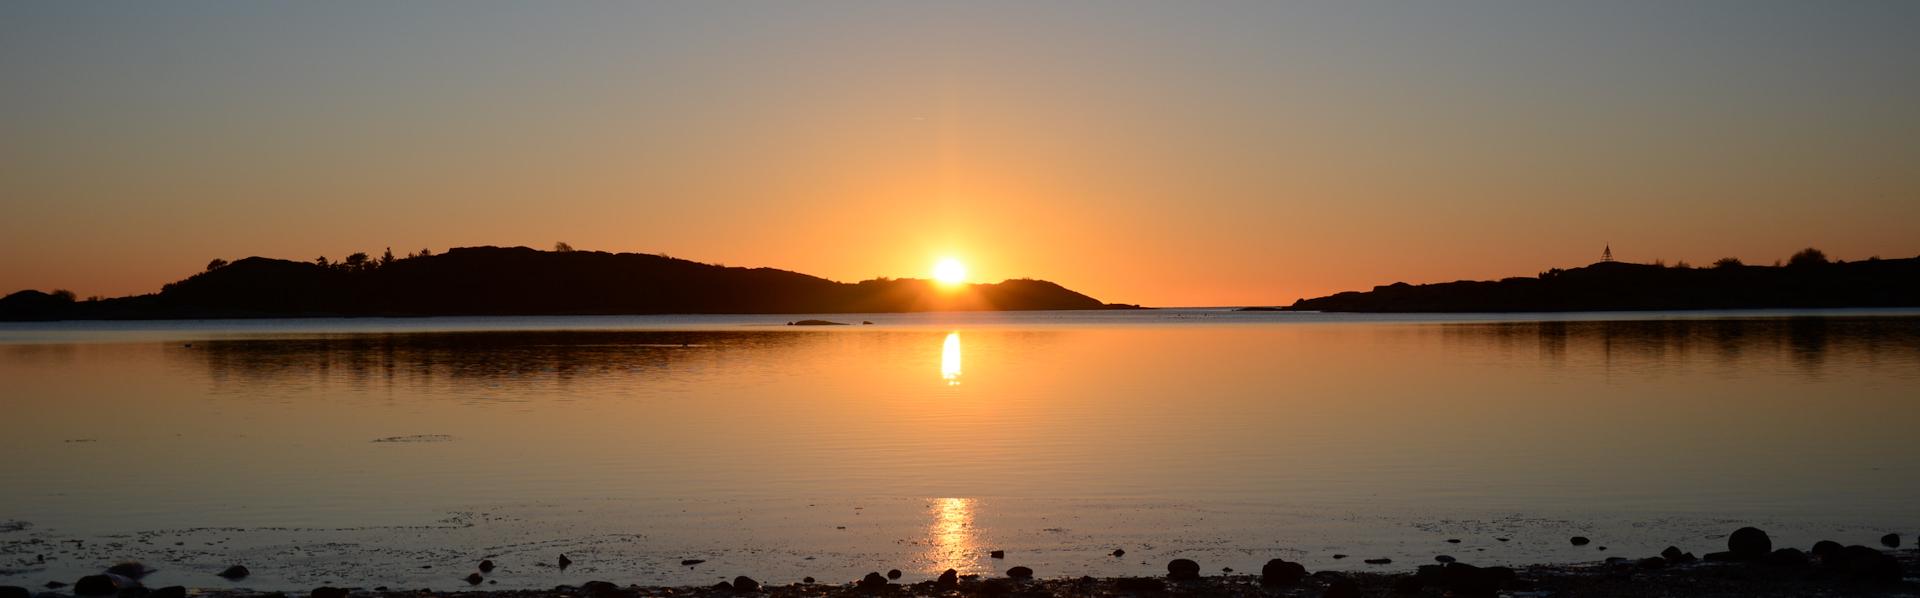 Sunset in Gothenburg